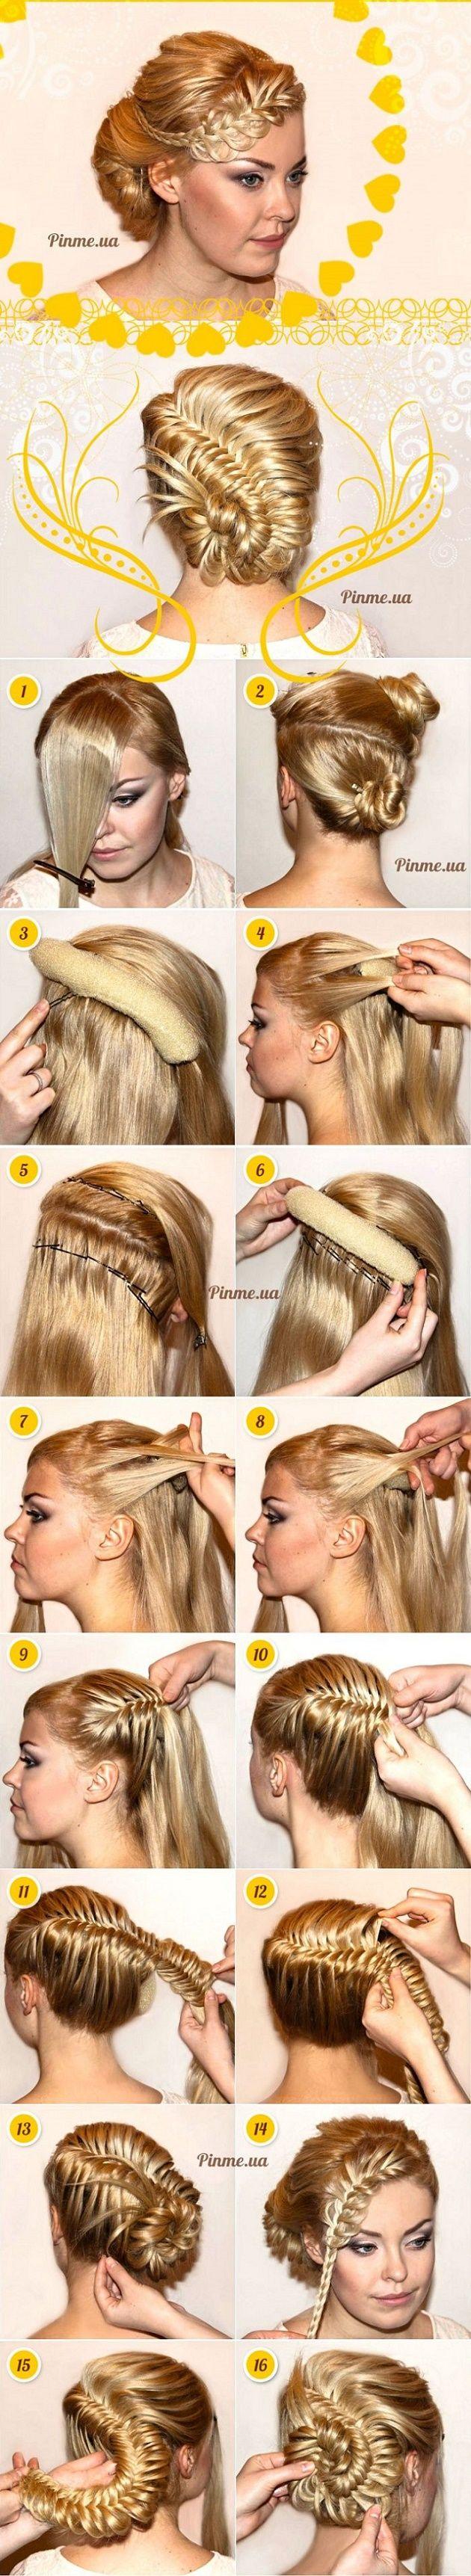 erko.virabeautys.info modern-medieval-hairstyle-diy-tutorial 3